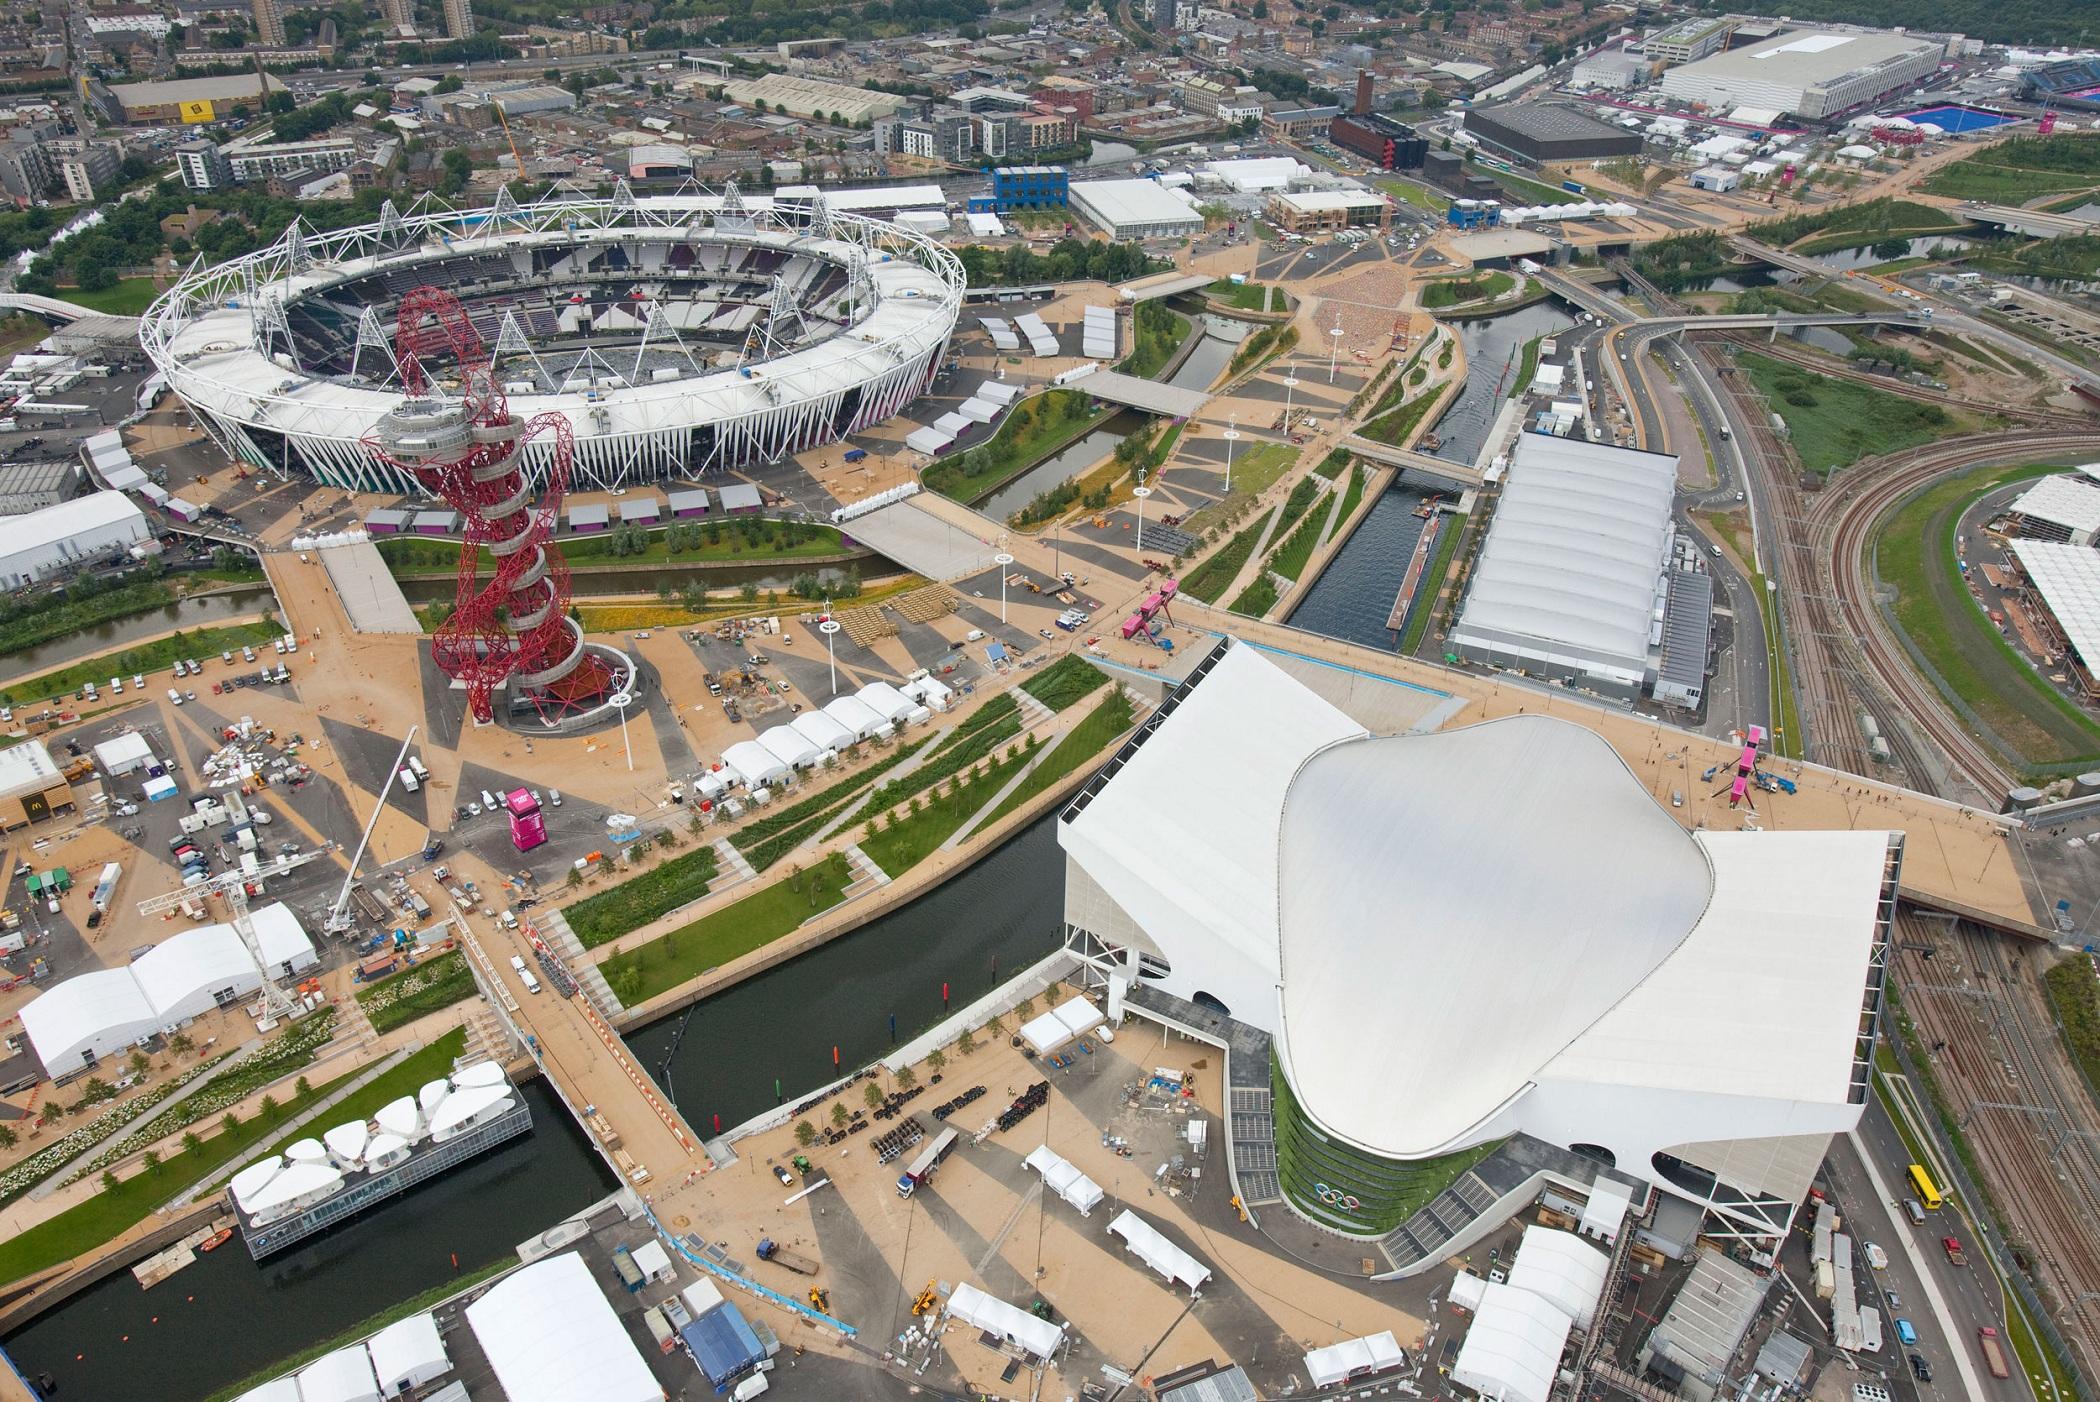 London 2012 Park